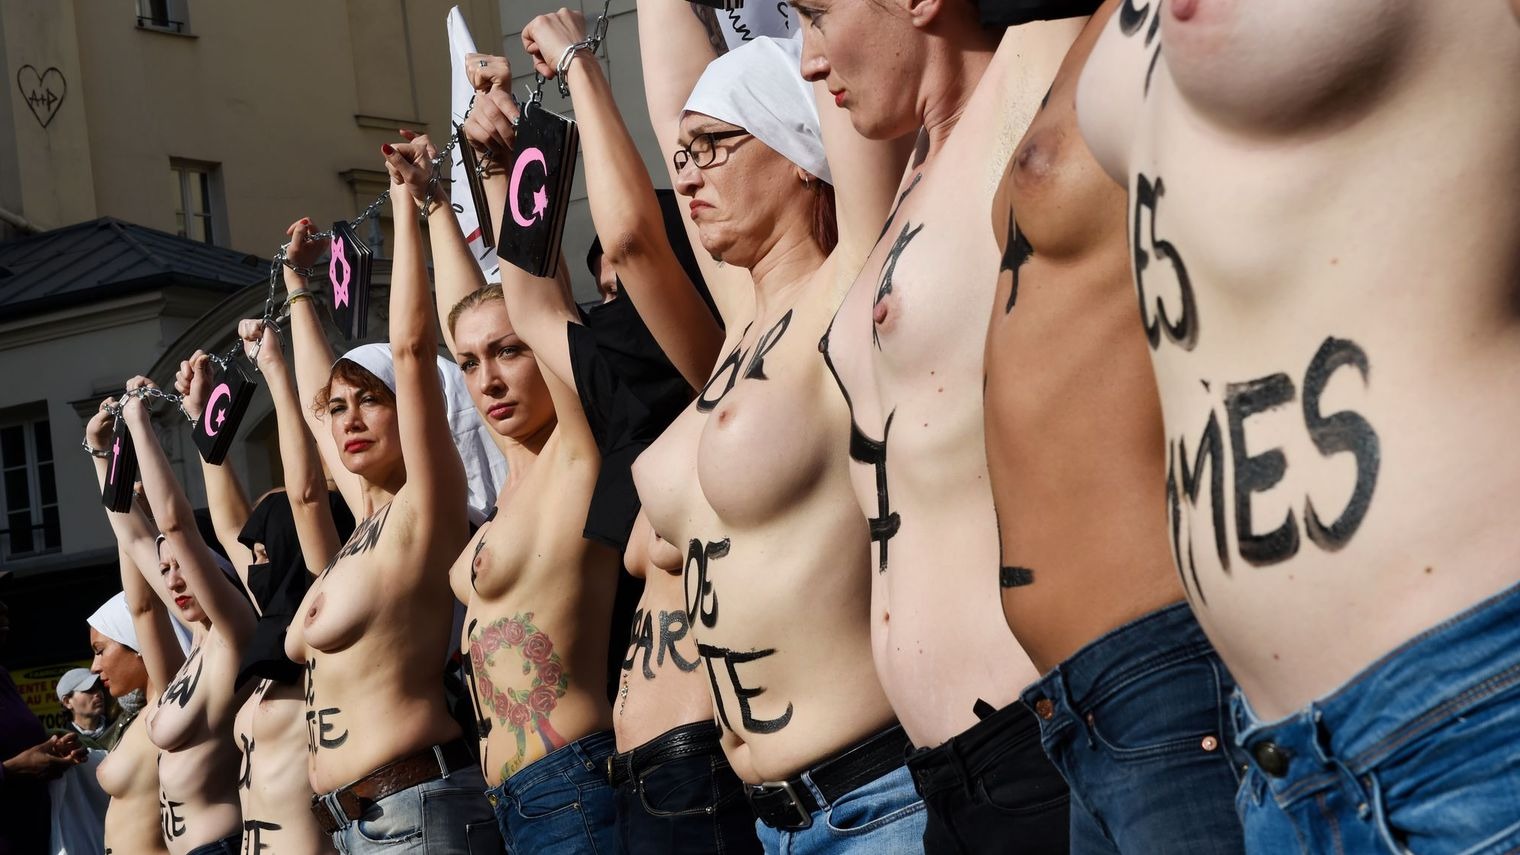 manifestation-des-femen-le-8-mars-2015-a-paris-pour-la-journee-de-la-femme_5502331